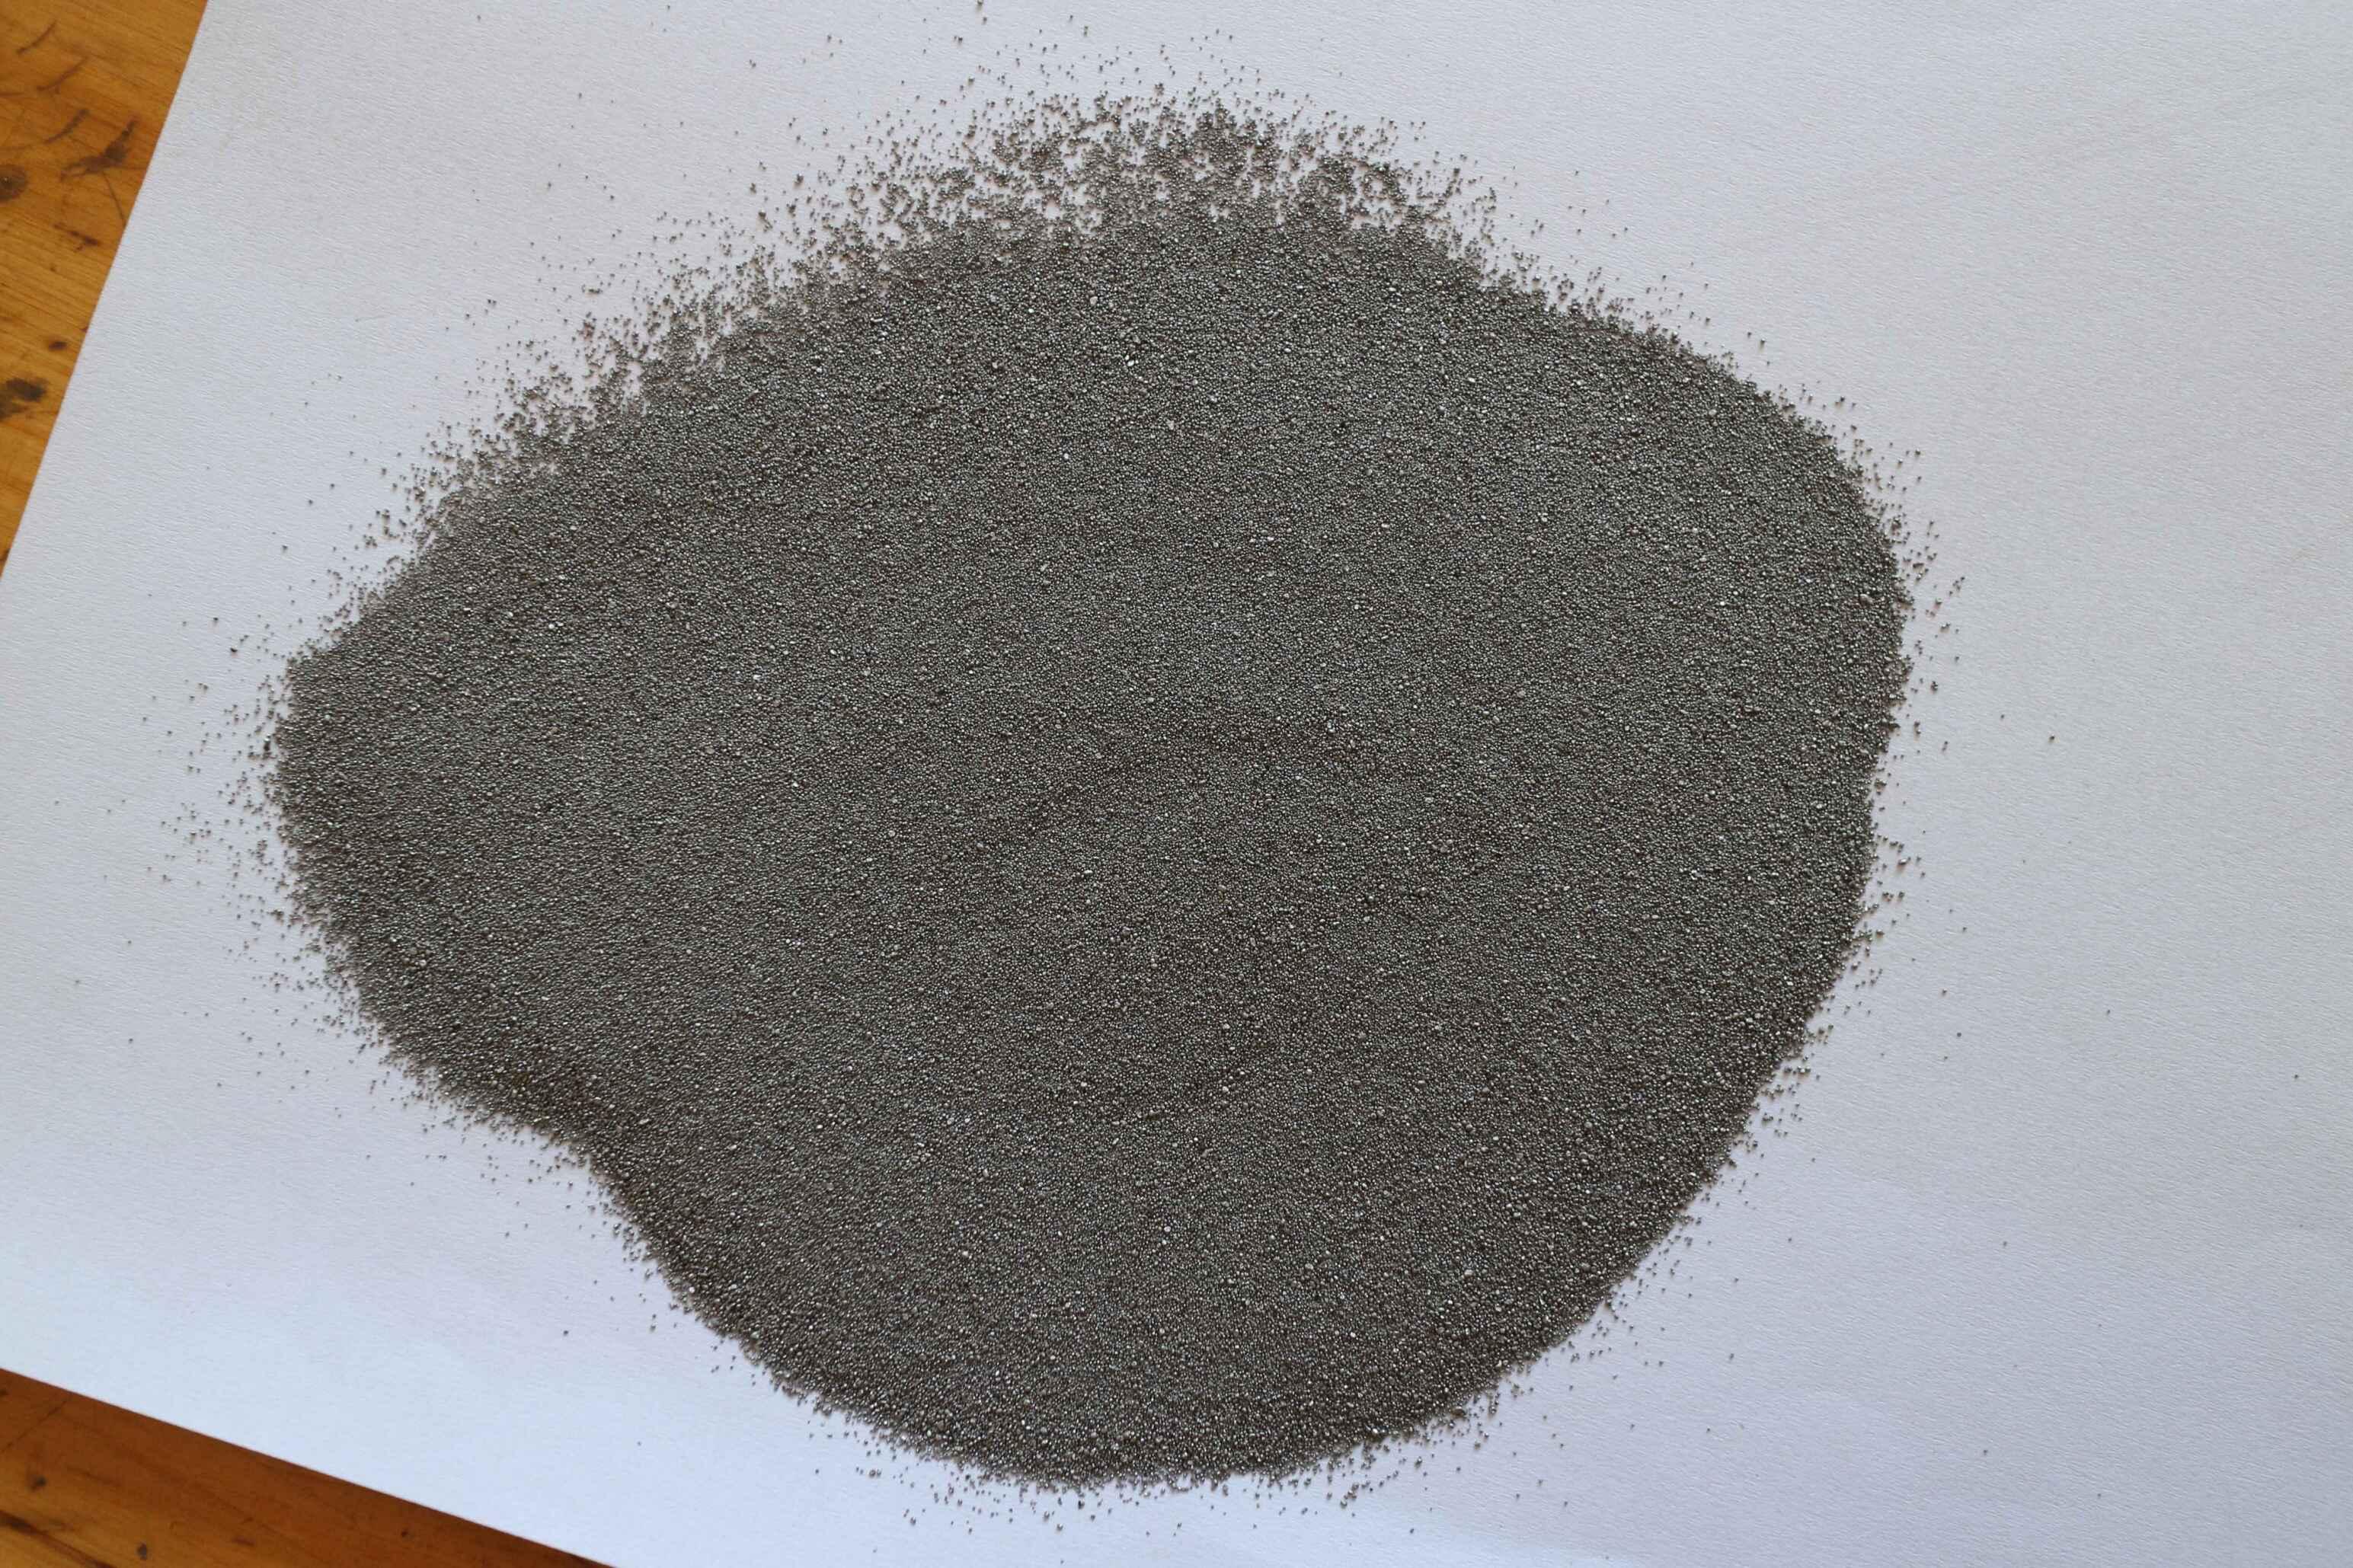 配重铁砂的成分以及用途是什么?